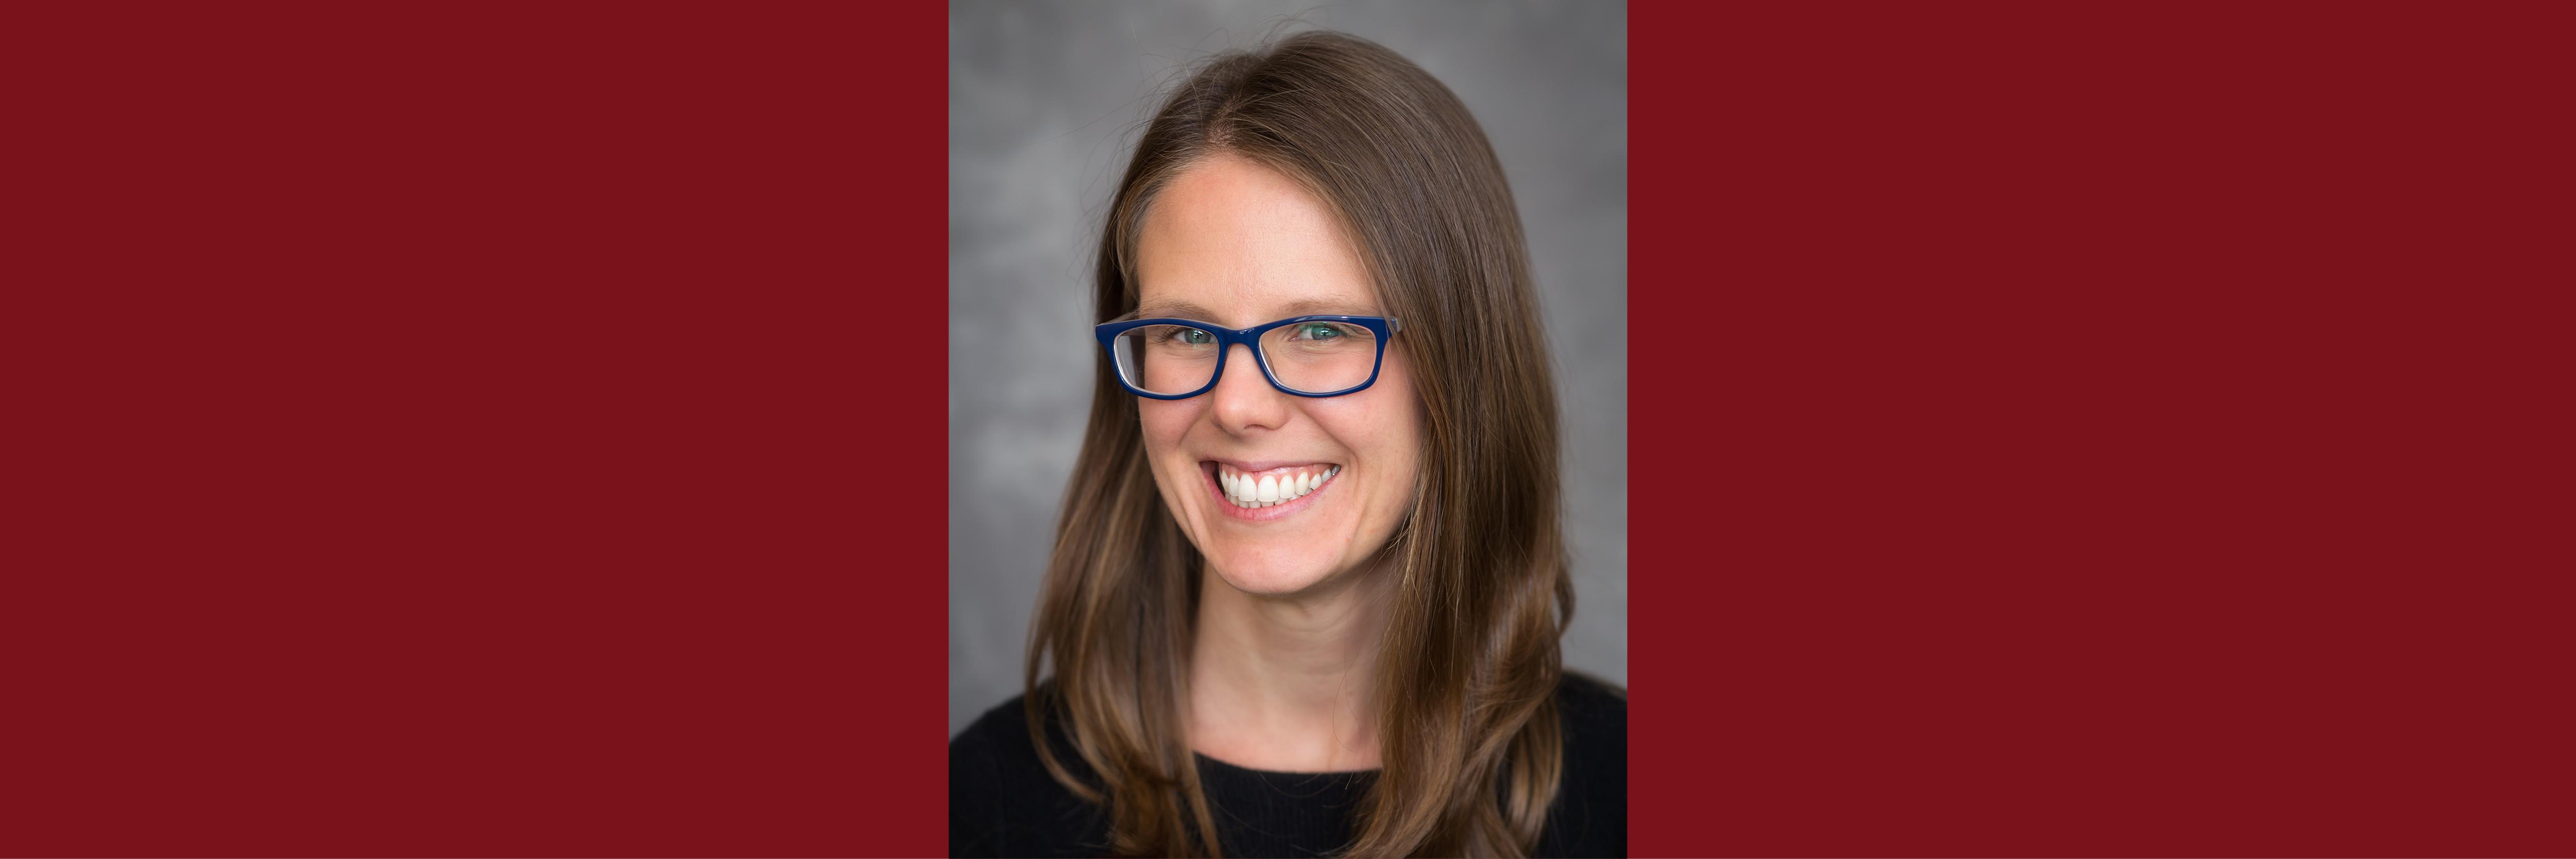 Anne Doering, MD